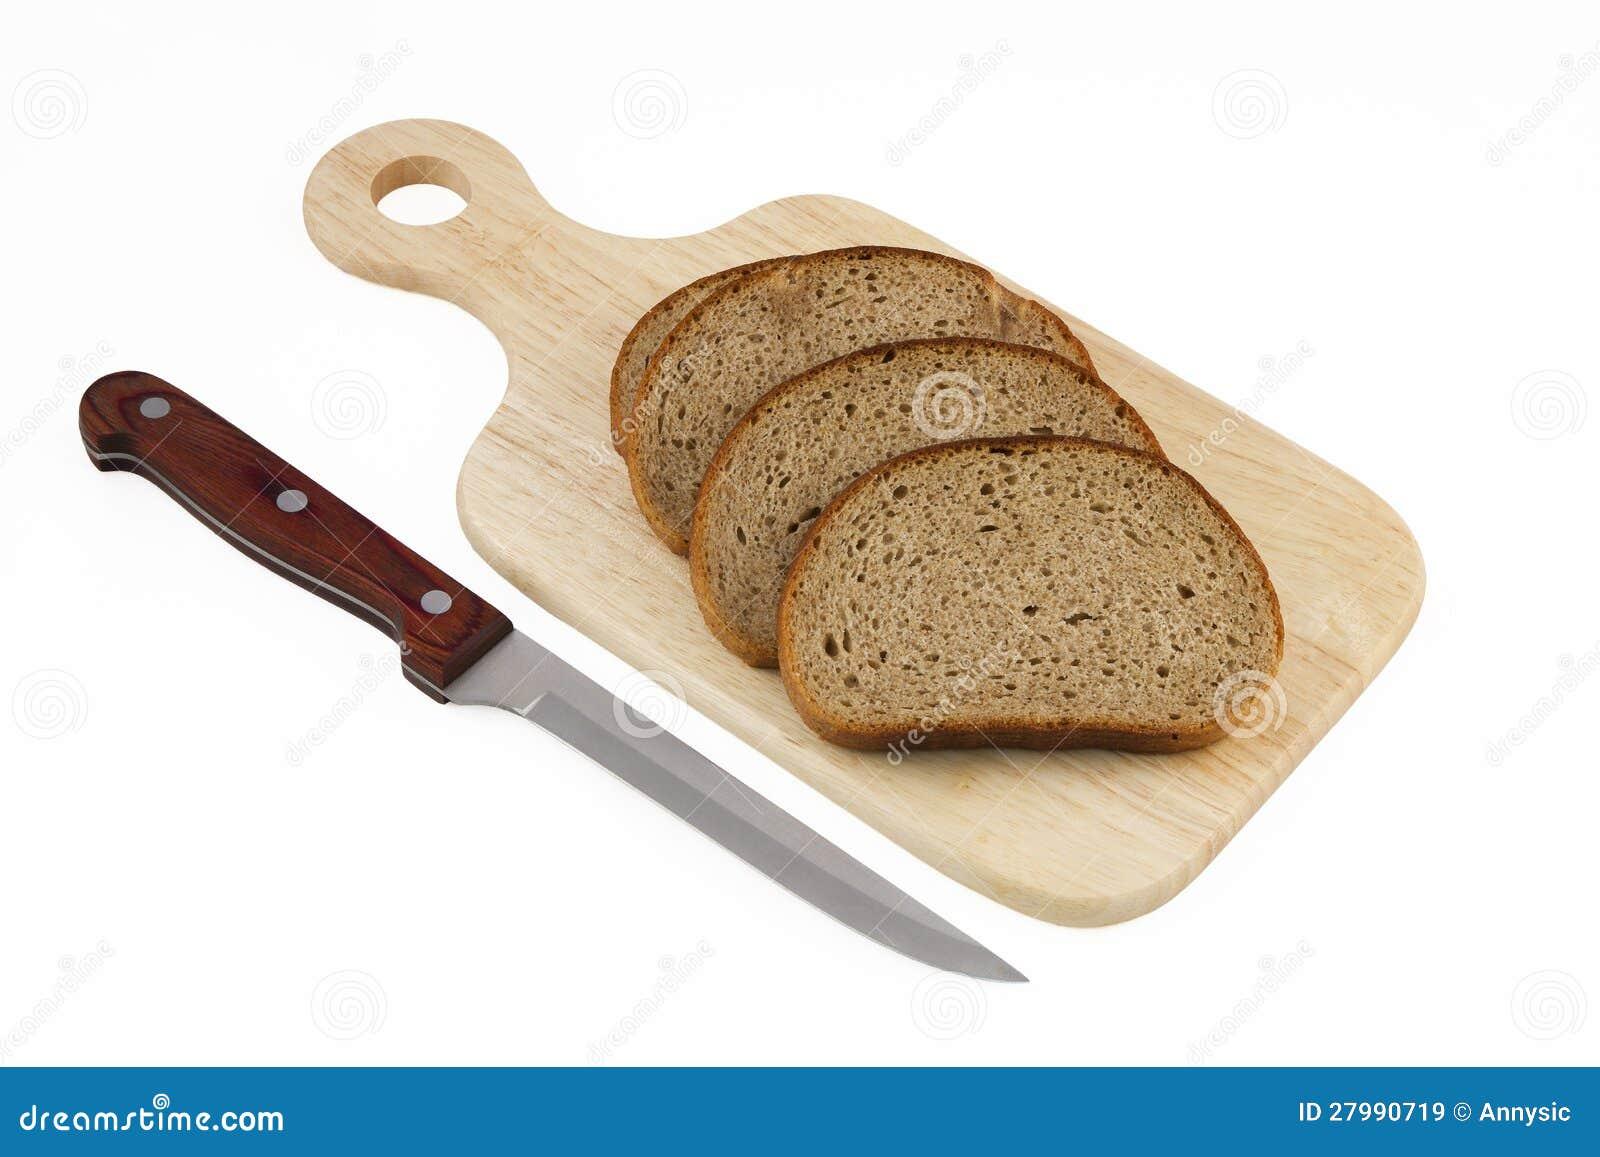 Oggetti per la cucina immagine stock. Immagine di taglio - 27990719